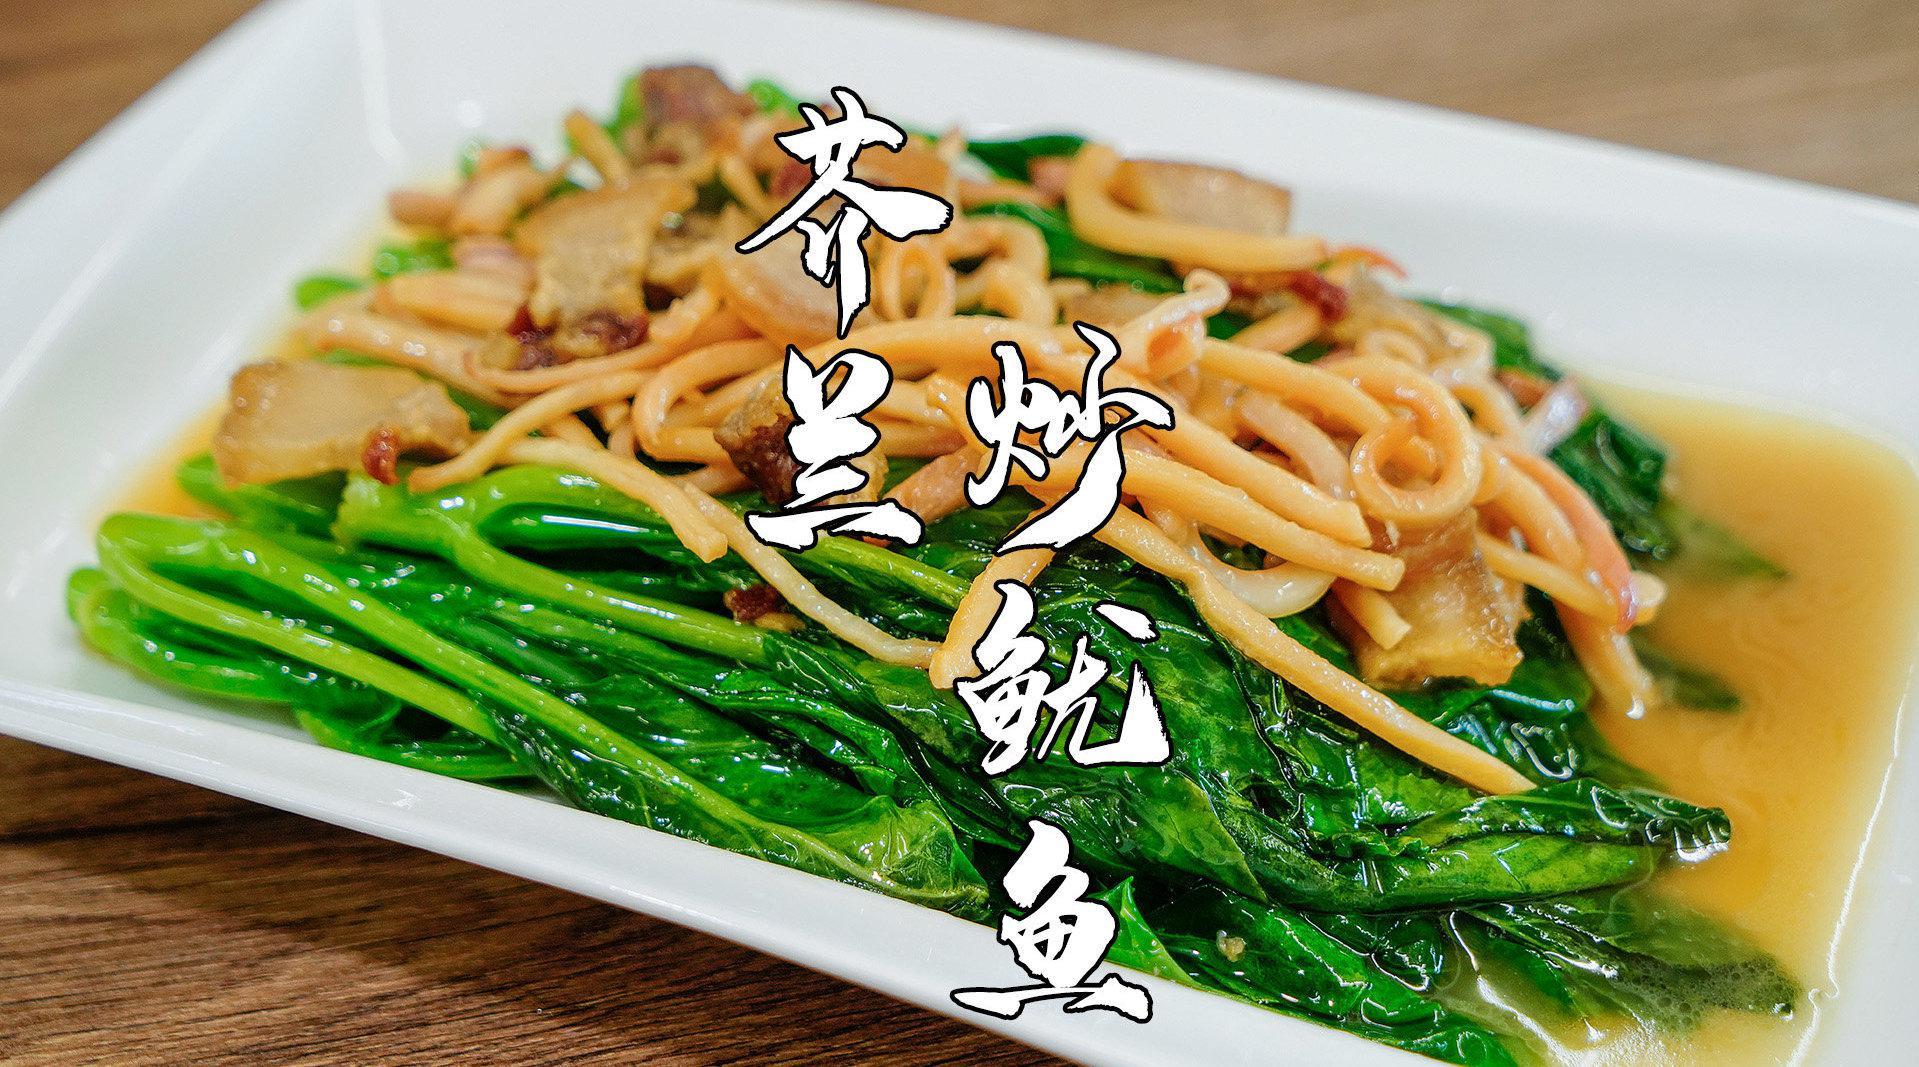 芥兰不要炒牛肉了,潮汕特色炒芥兰,芥兰越吃越香。